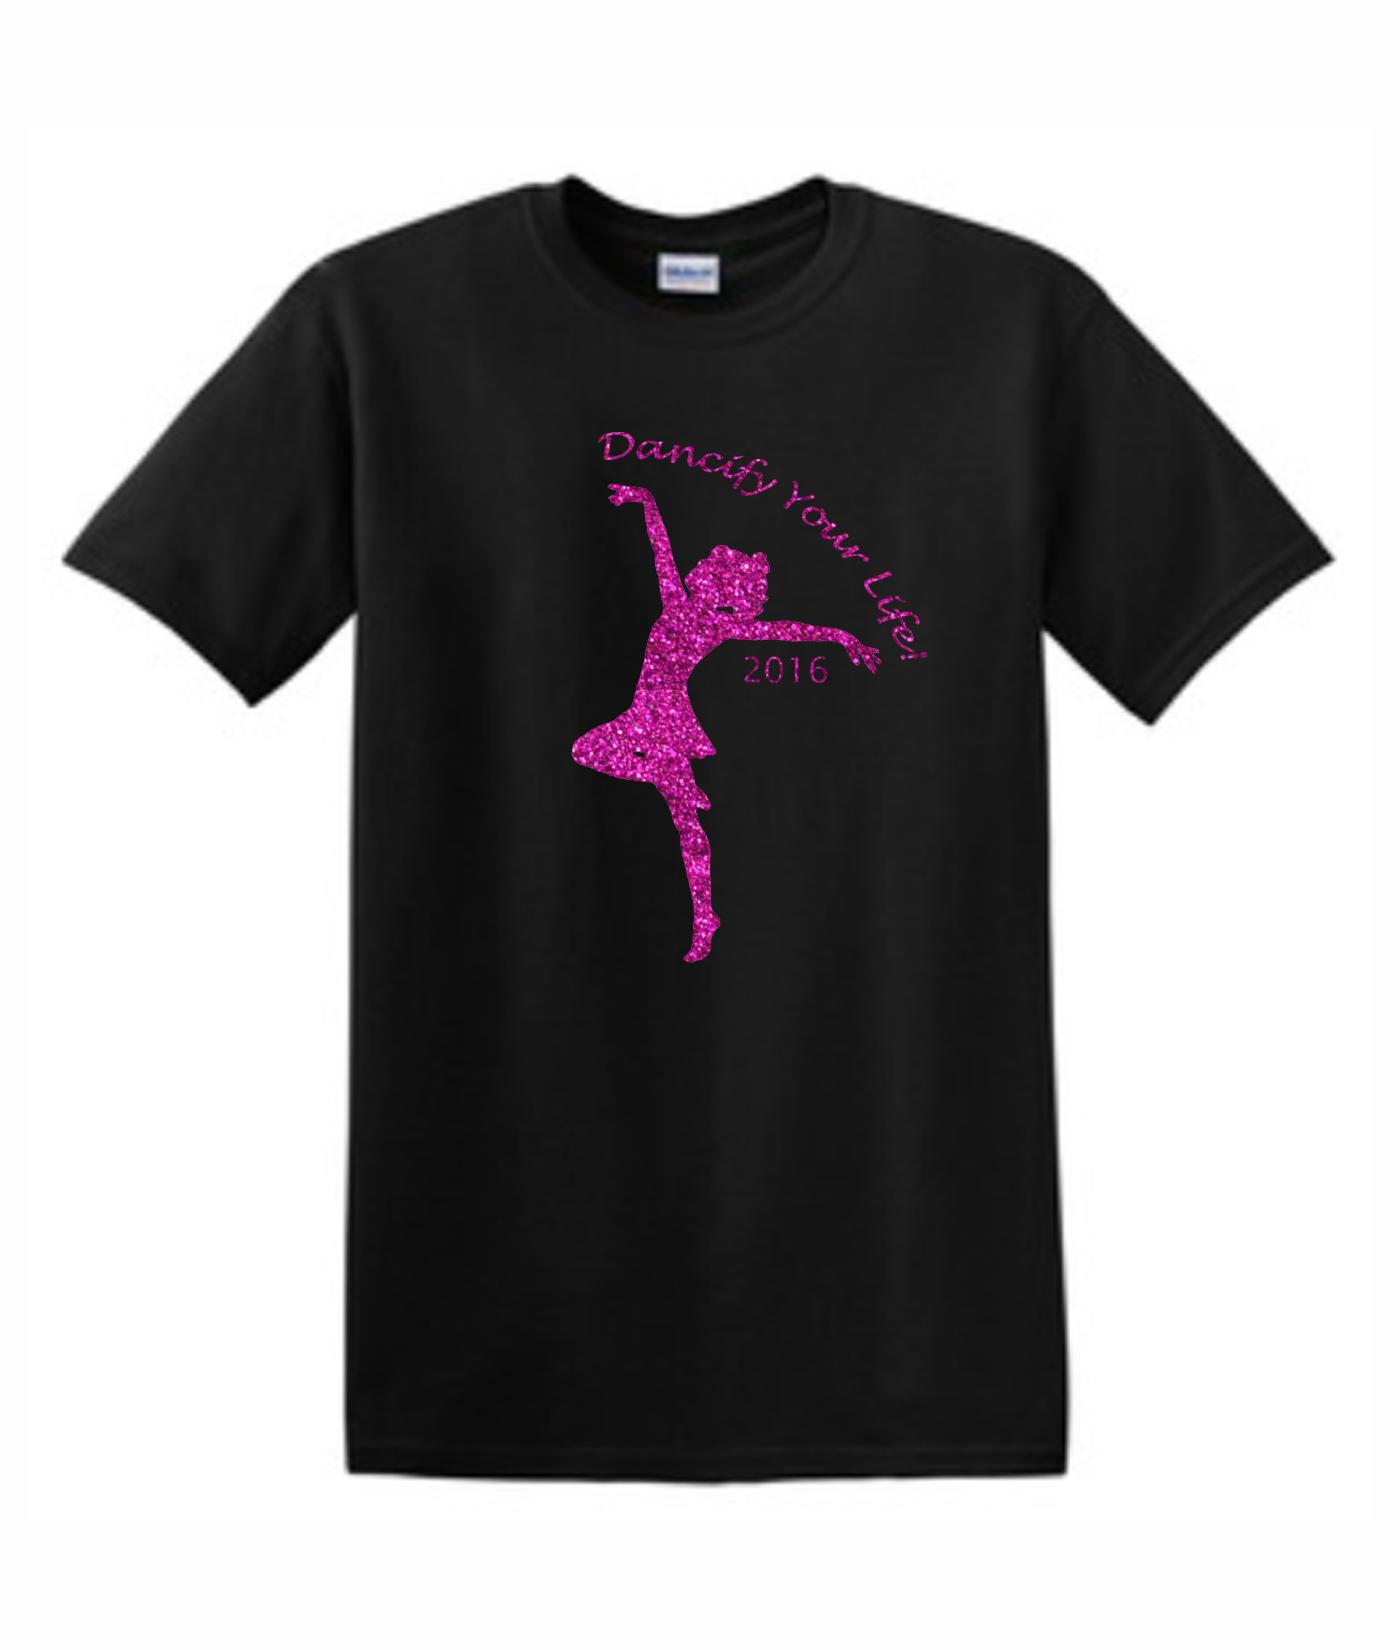 Gildan Dancify Dancer Pink Glitter Light Black Tee